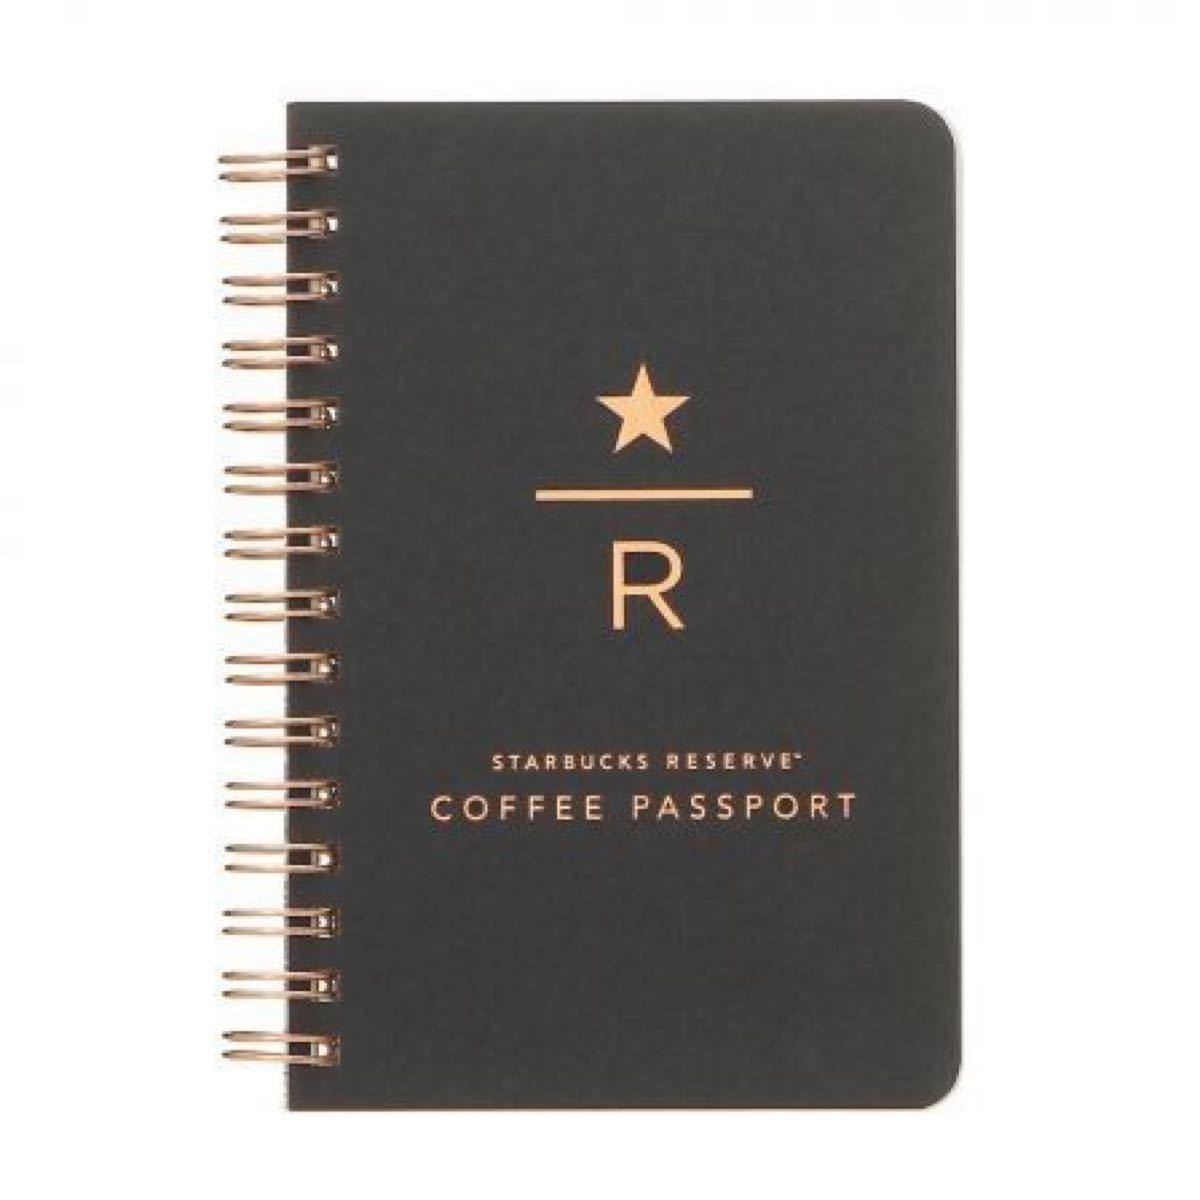 スターバックス リザーブ コーヒーパスポート・ドリンクチケット